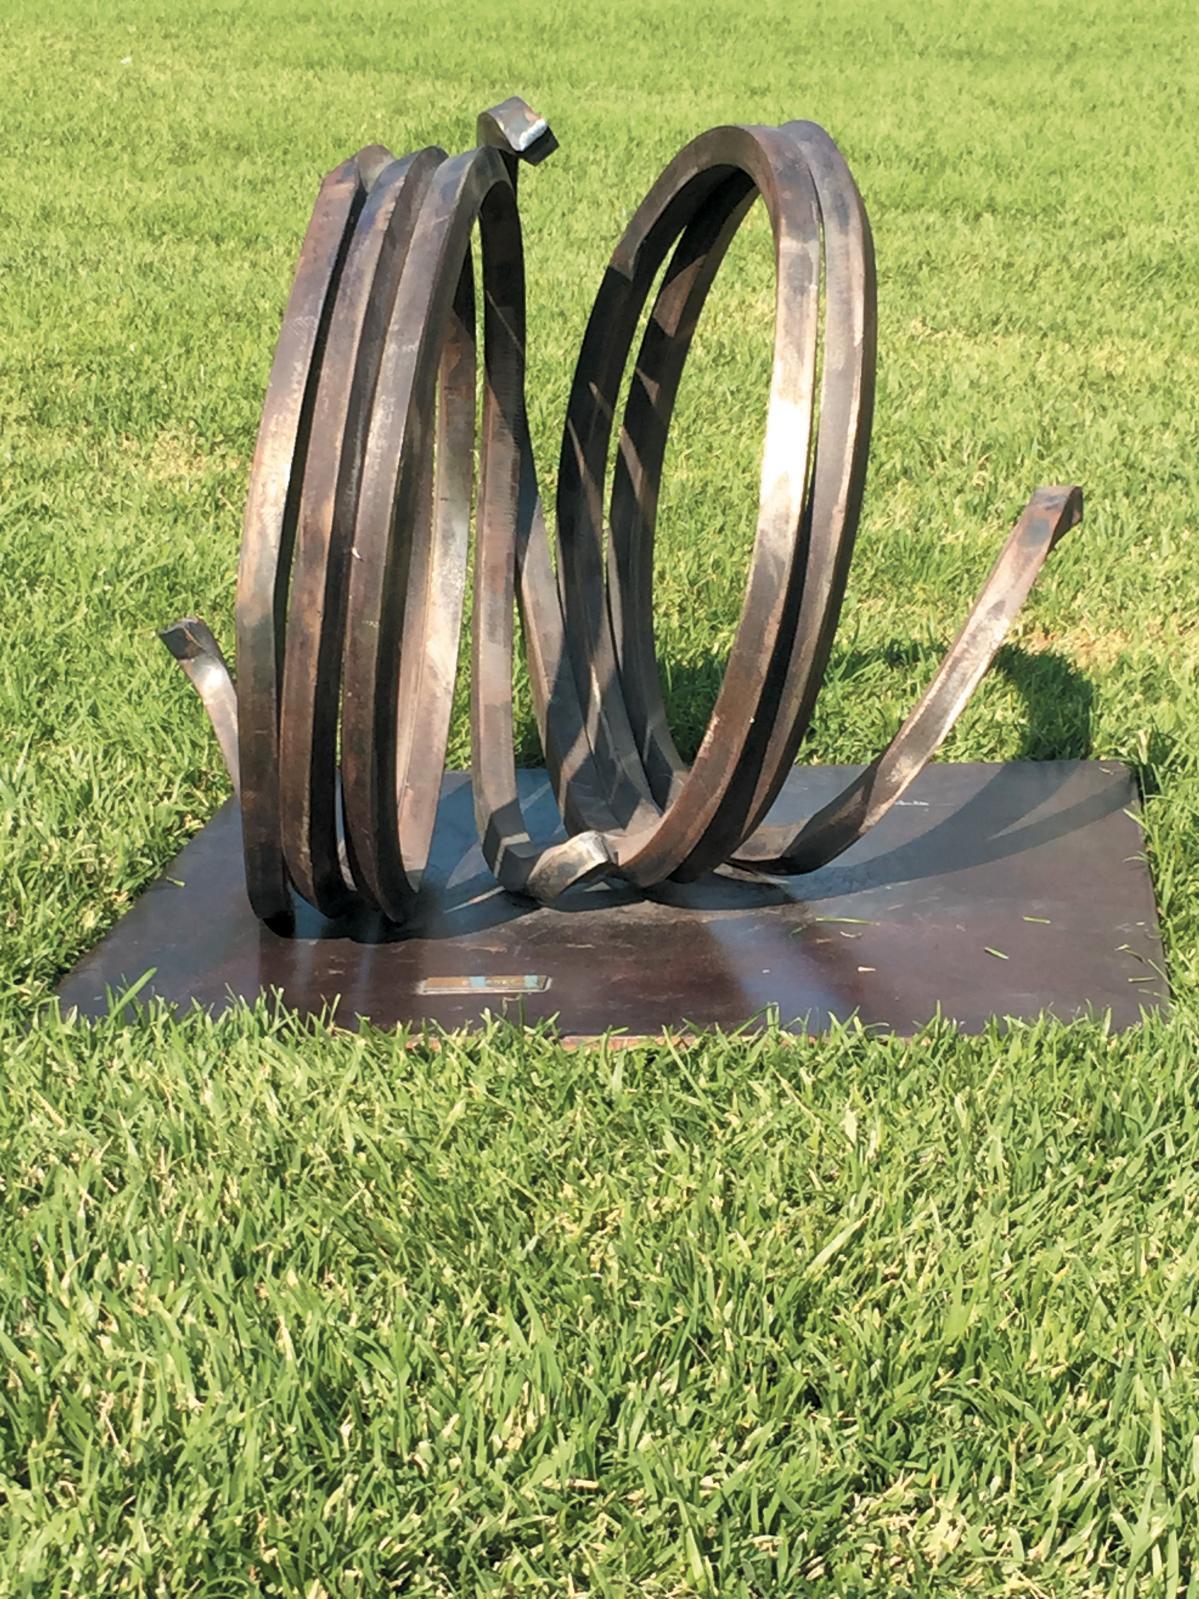 Bernar Venet, né en 1941, Deux lignes indéterminées, sculpture en acier, 38 x 48 x 38 cm,Cannes, Besch Cannes Auction OVV, 15 août 2015. Adjugé: 527